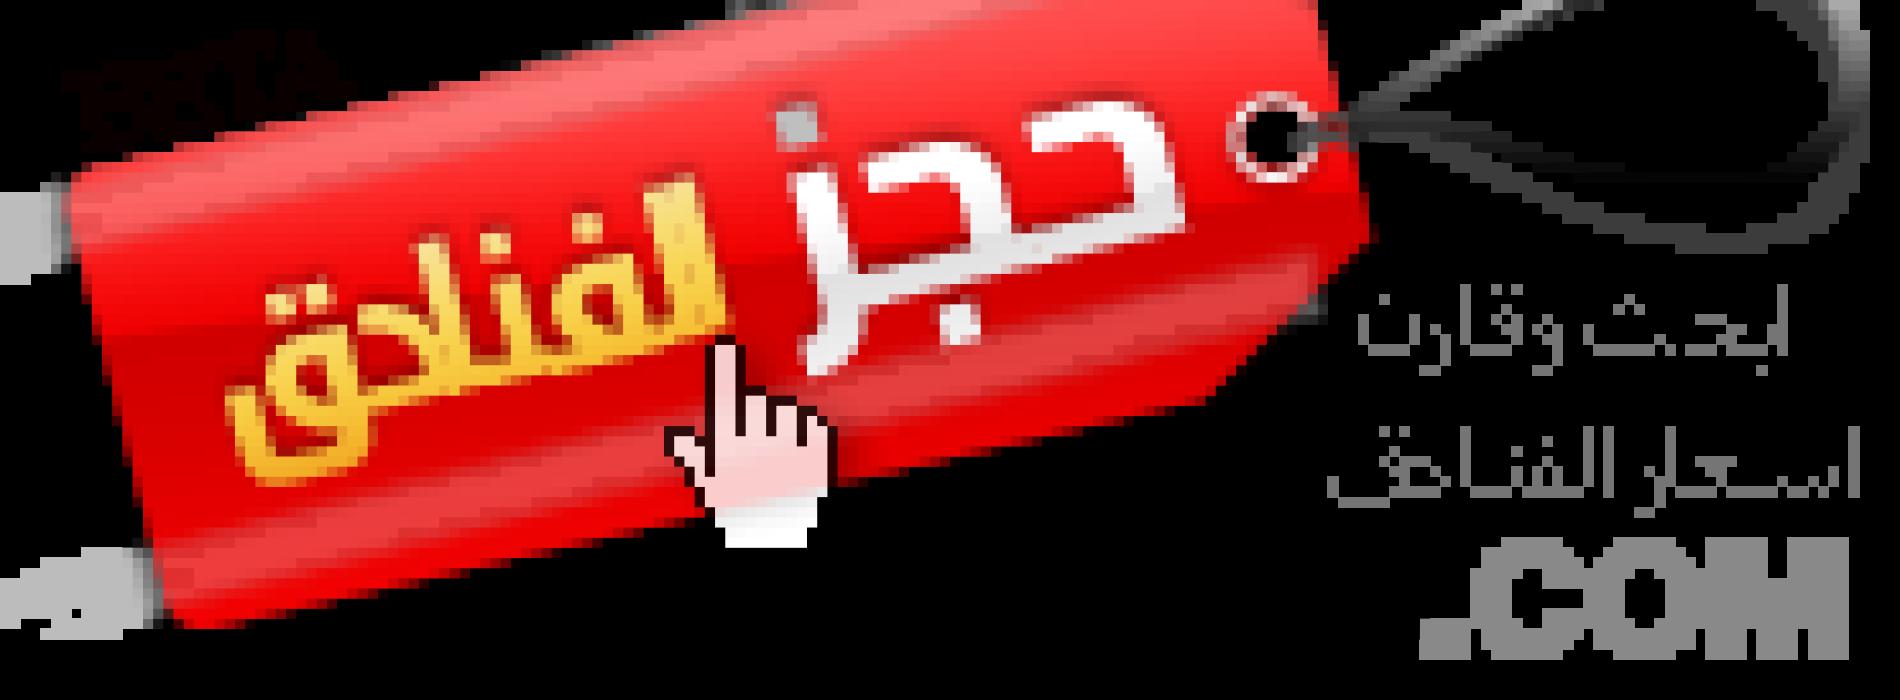 موقع حجز الفنادق ومقارنة الاسعار 7vv | مشروع جديد بالعربي